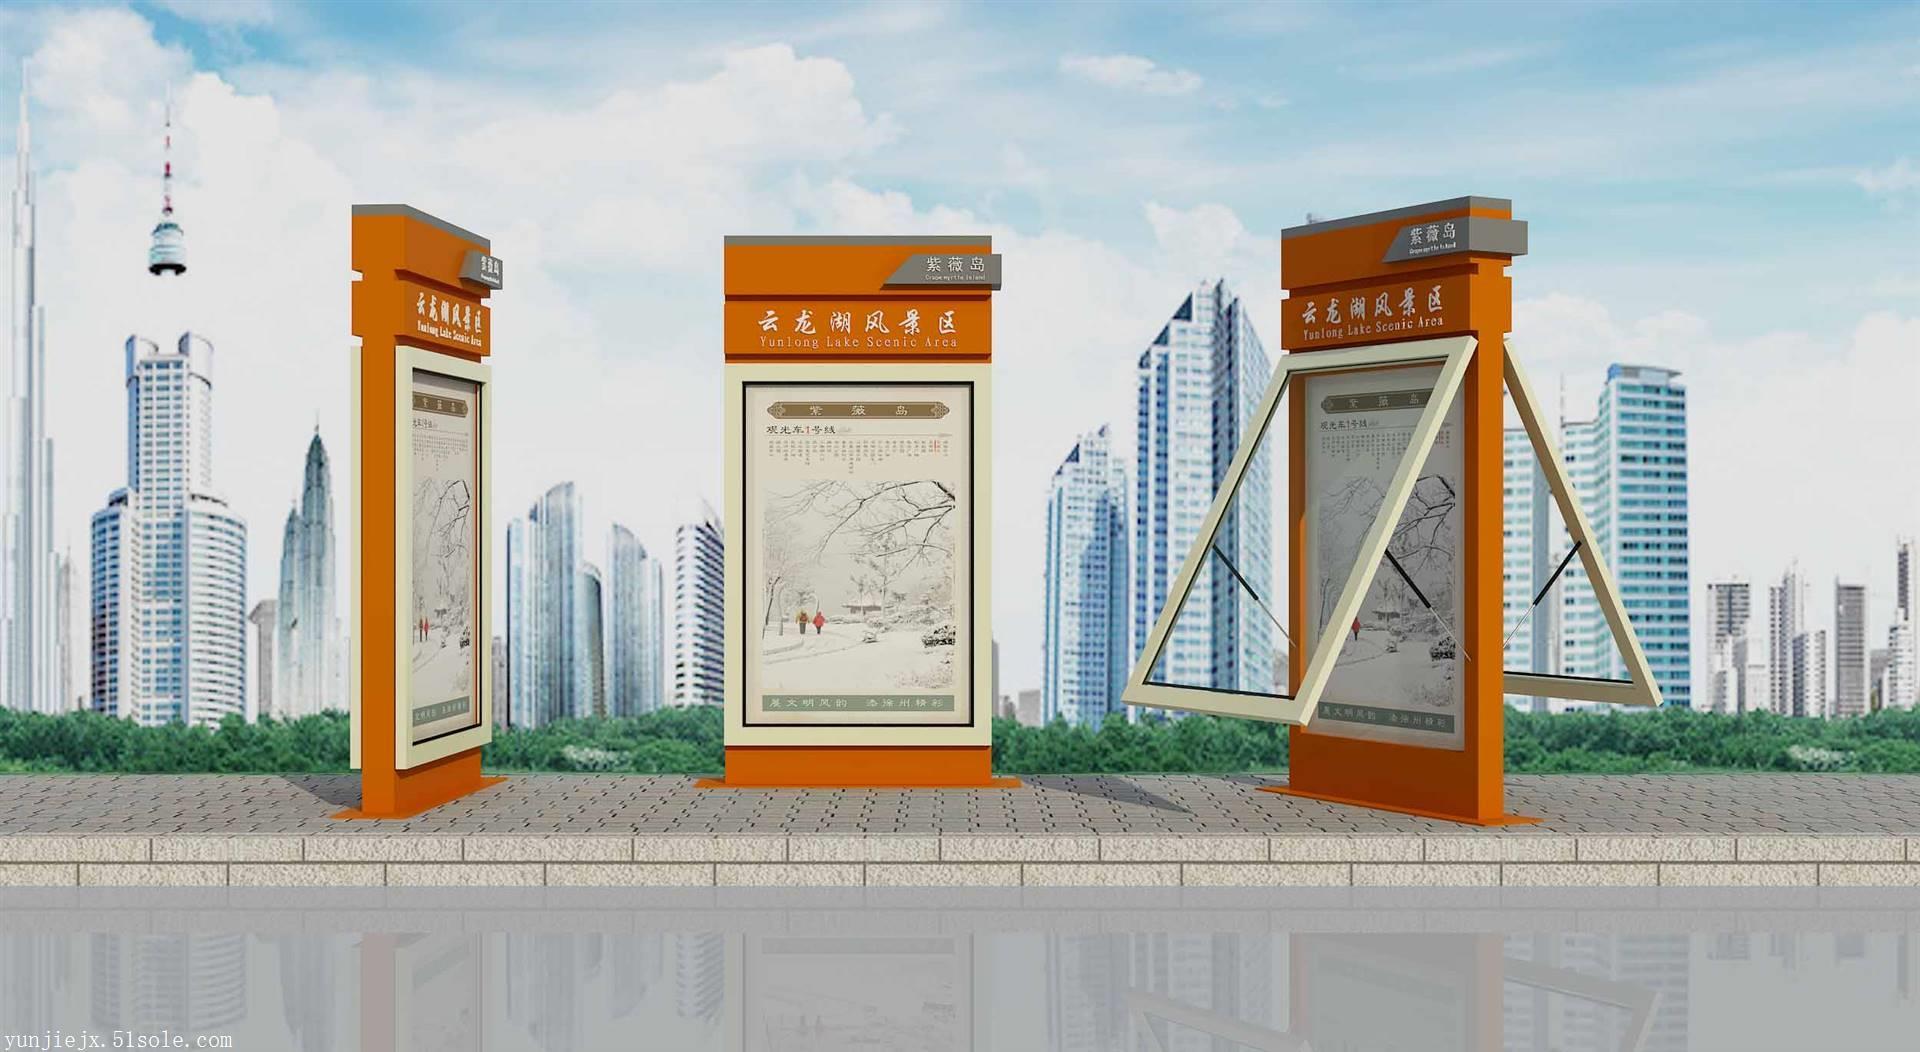 户外不锈钢宣传栏  户外灯箱定做  江苏中道标牌